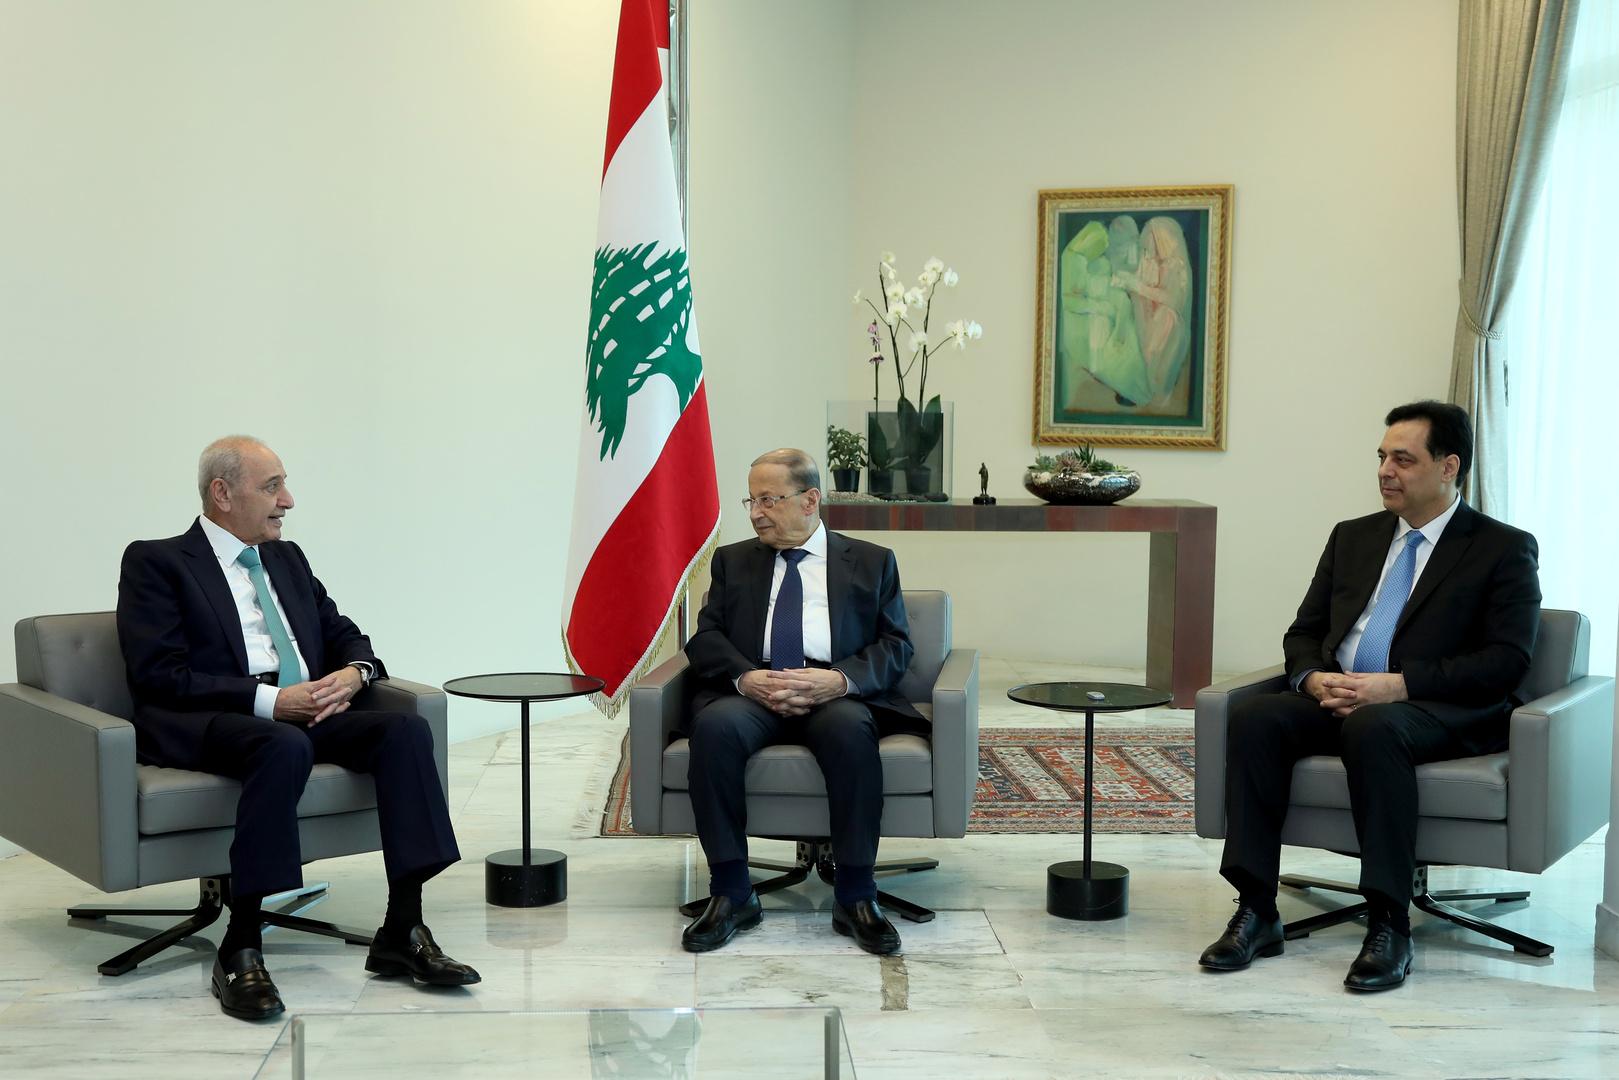 اجتماع عون وبري ودياب في القصر الجمهوري